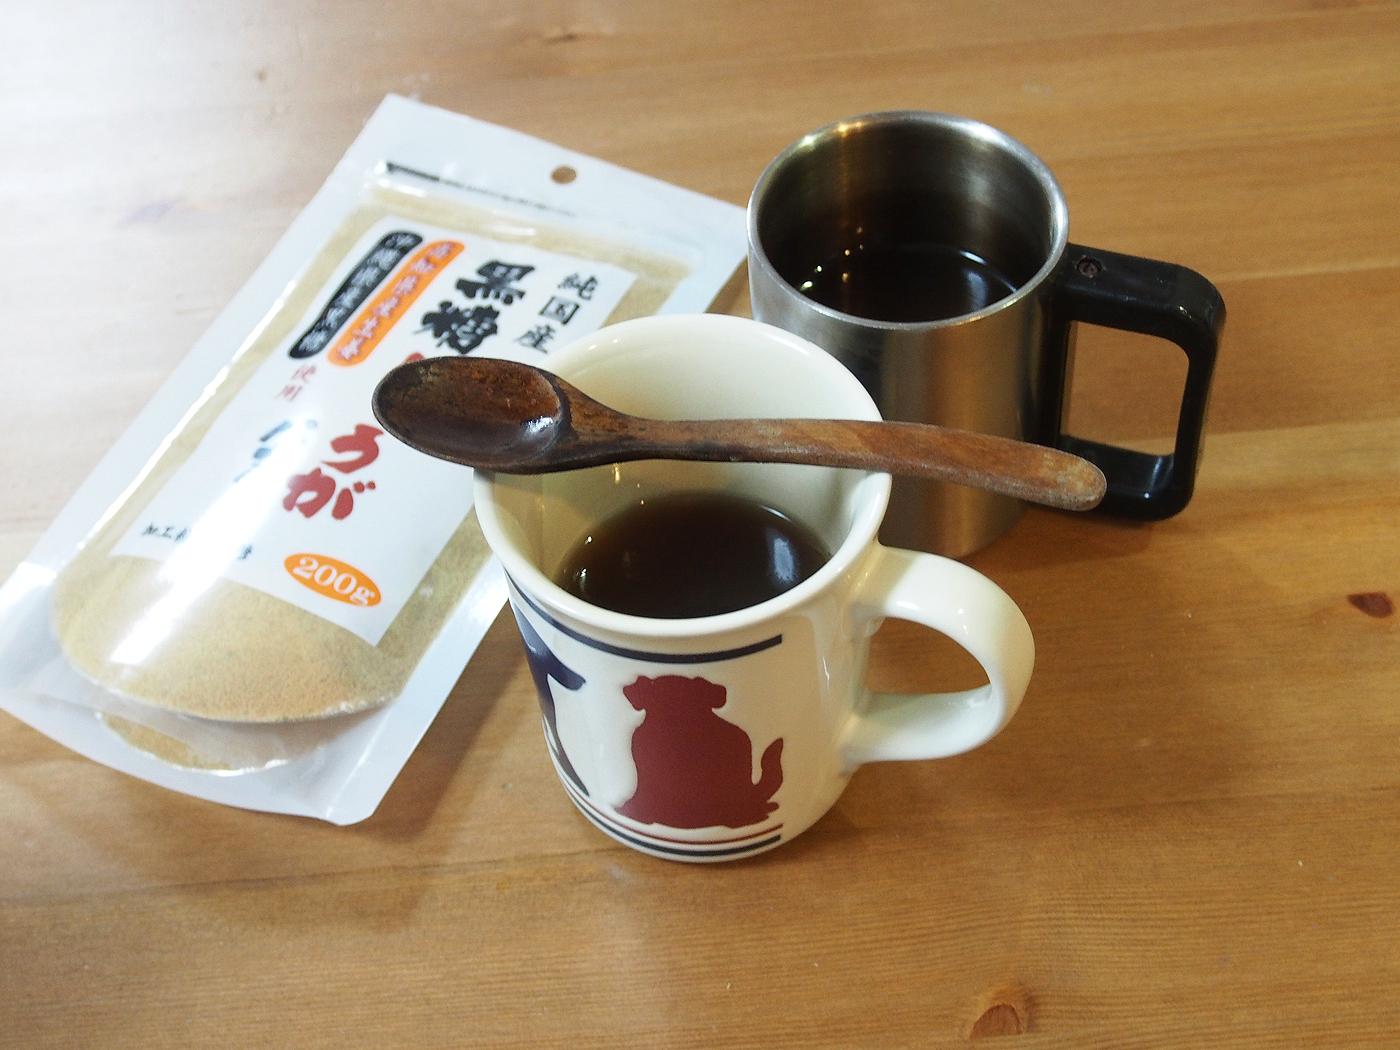 生姜パウダーと紅茶